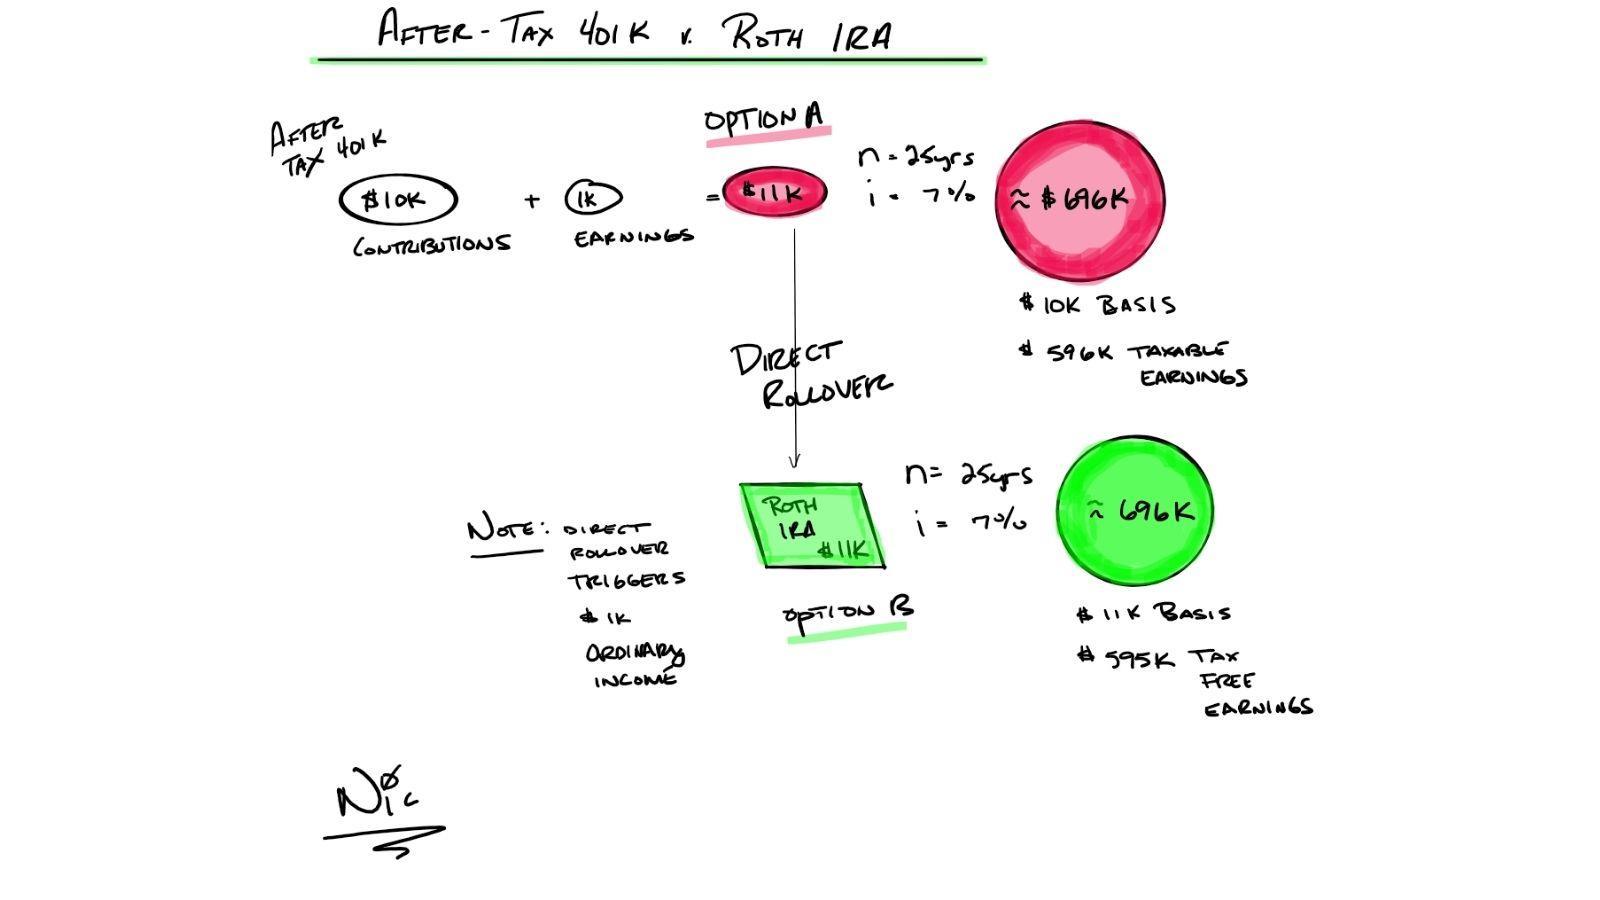 After Tax 401(k) vs. Roth IRA Thumbnail